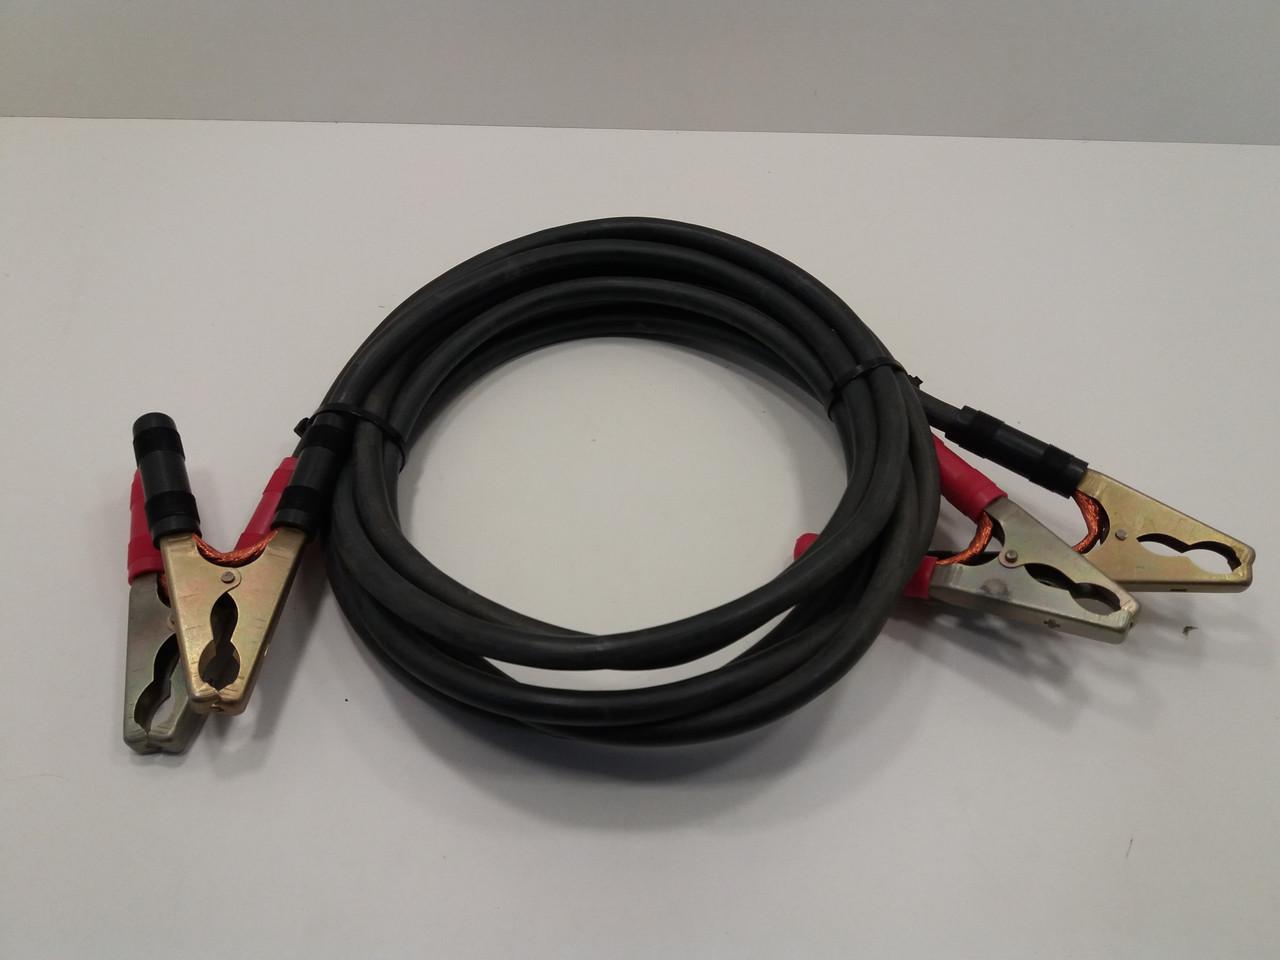 Комплект кабелей КГ16 для подзарядки автомобильных аккумуляторов  (3м+3м)